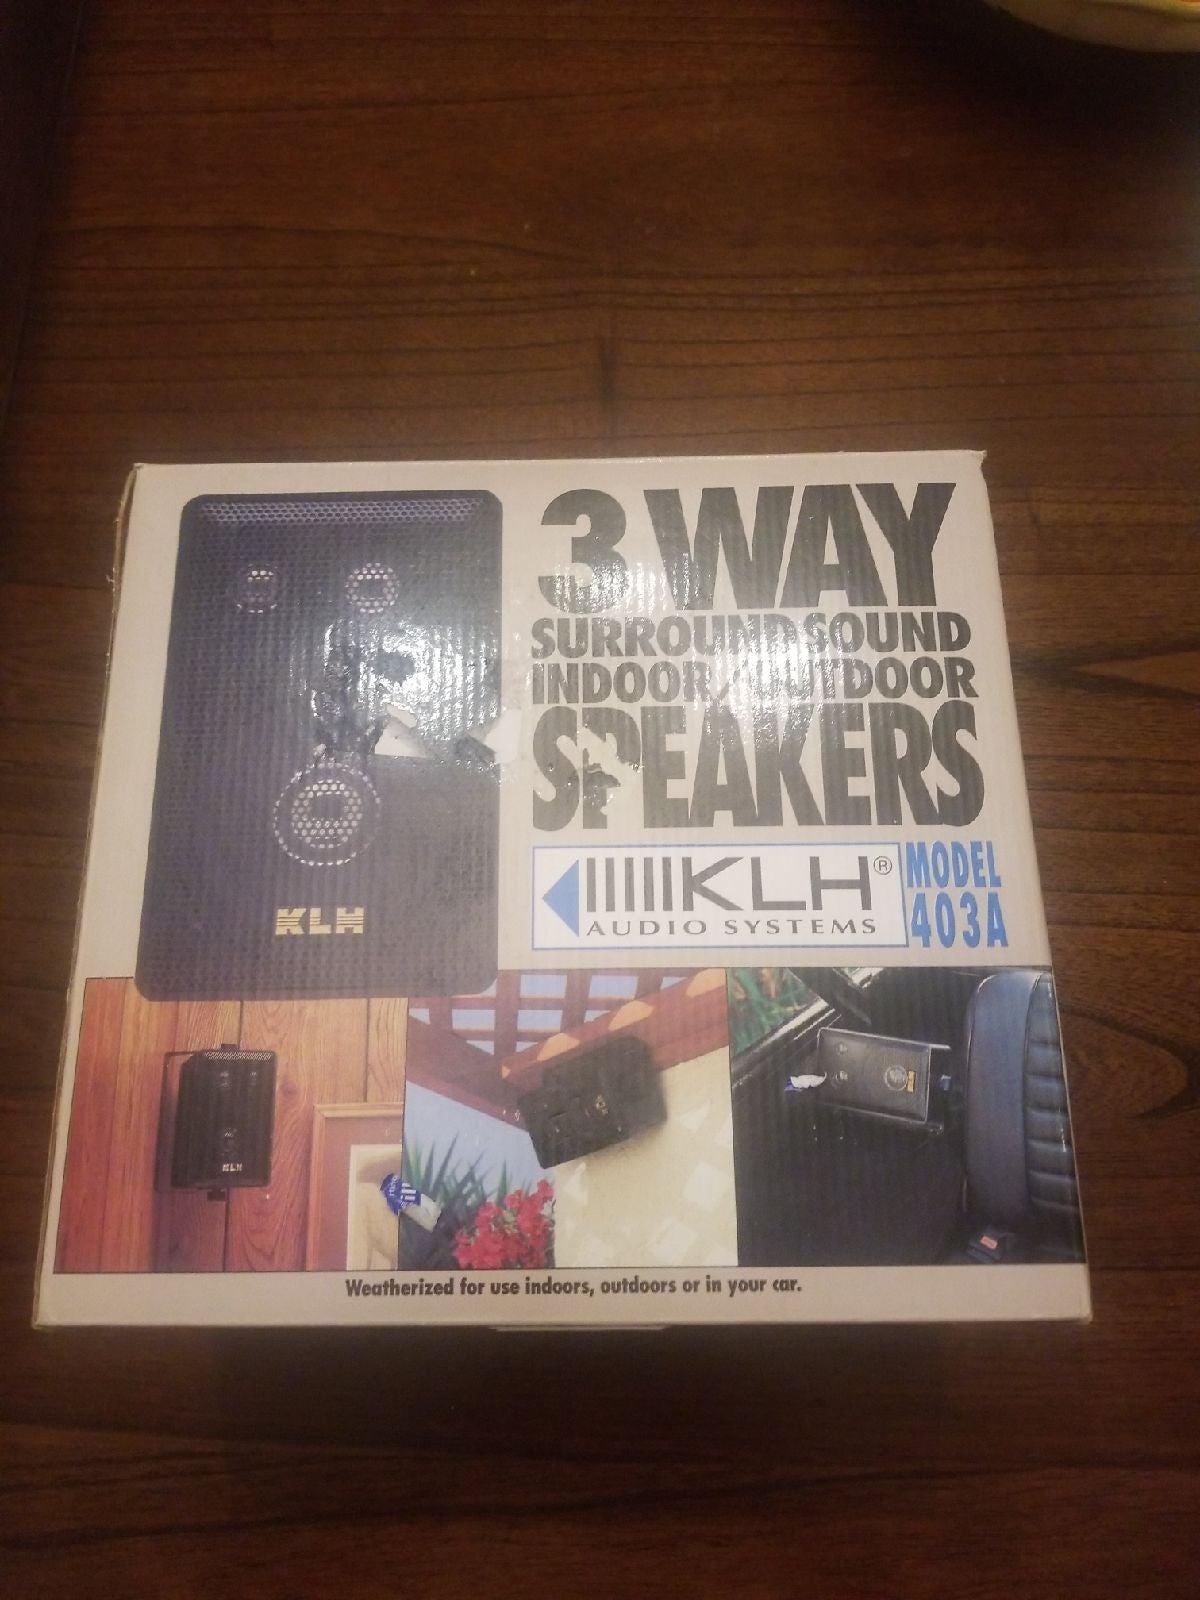 Klh indoor outdoor speakers